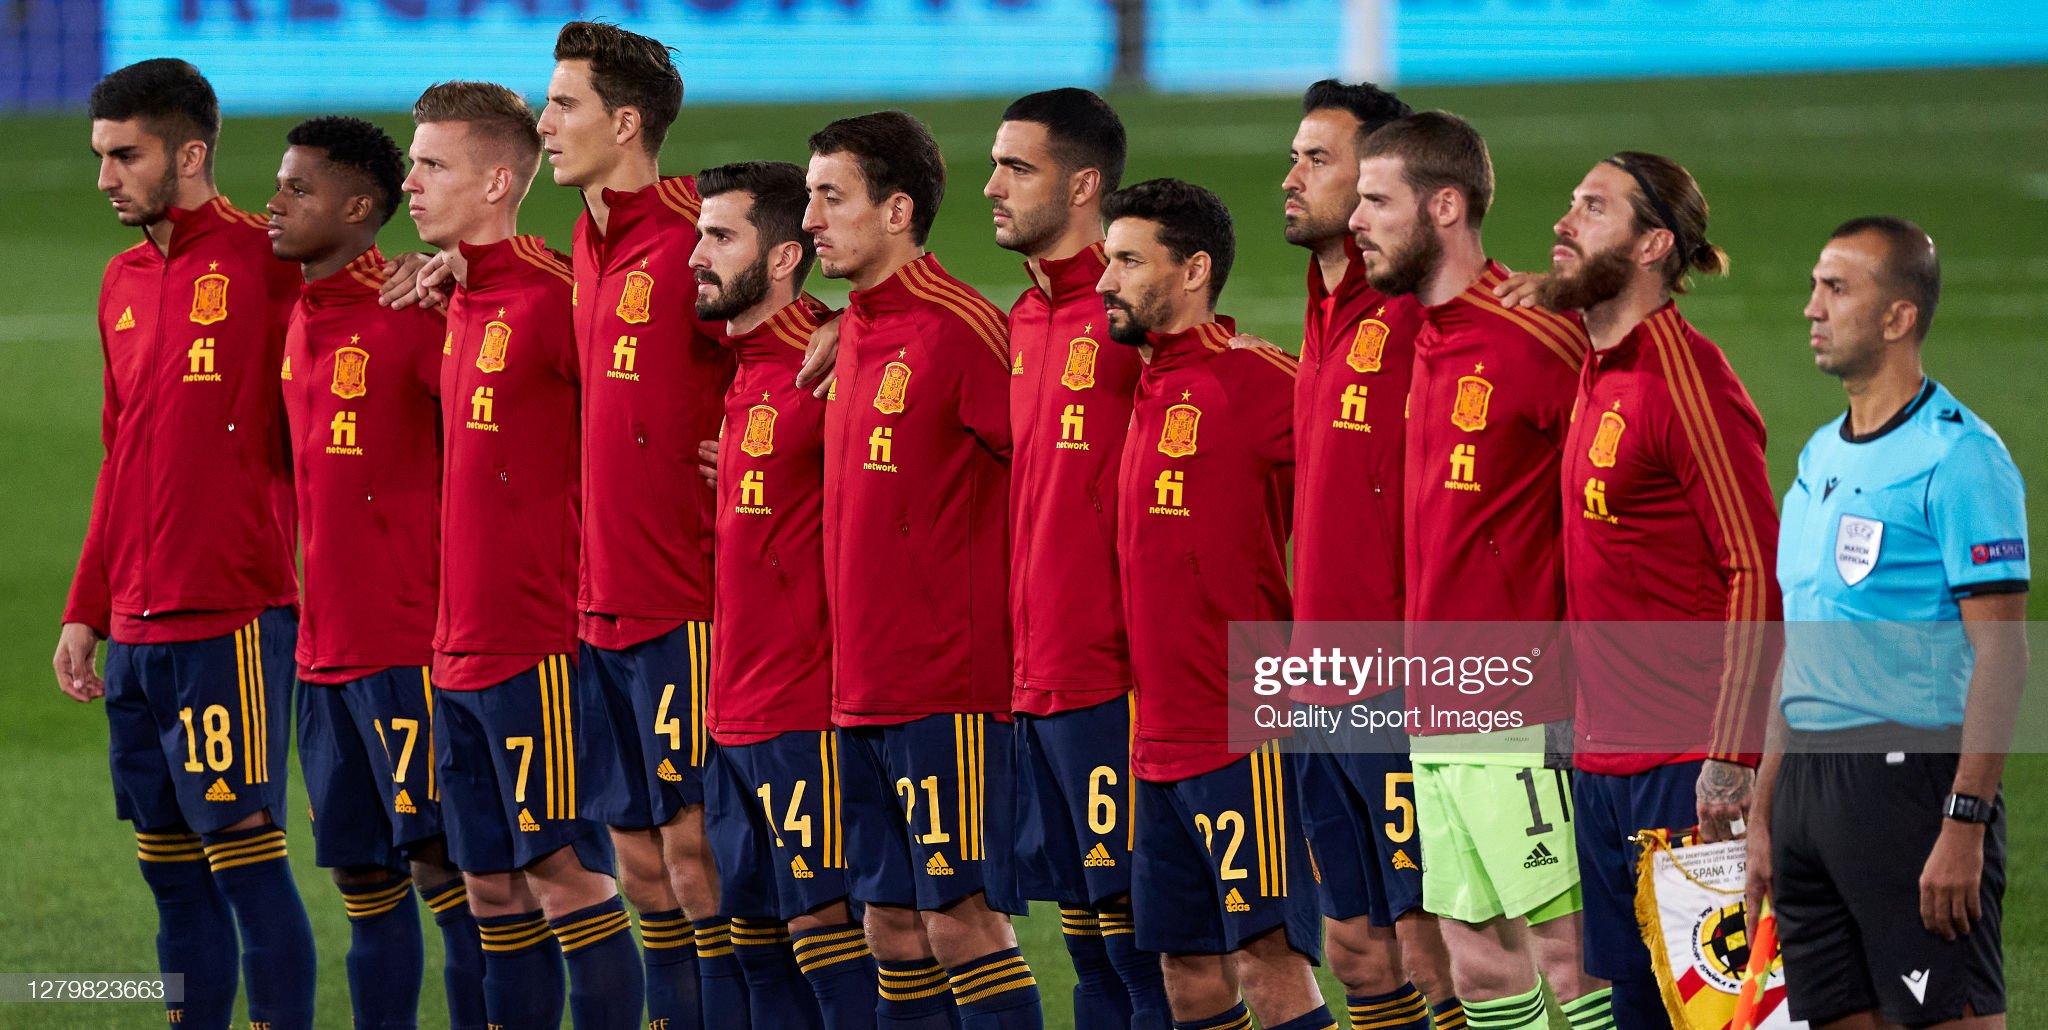 Hilo de la selección de España (selección española) - Página 2 The-spain-team-line-up-for-the-national-anthem-prior-to-the-during-picture-id1279823663?s=2048x2048